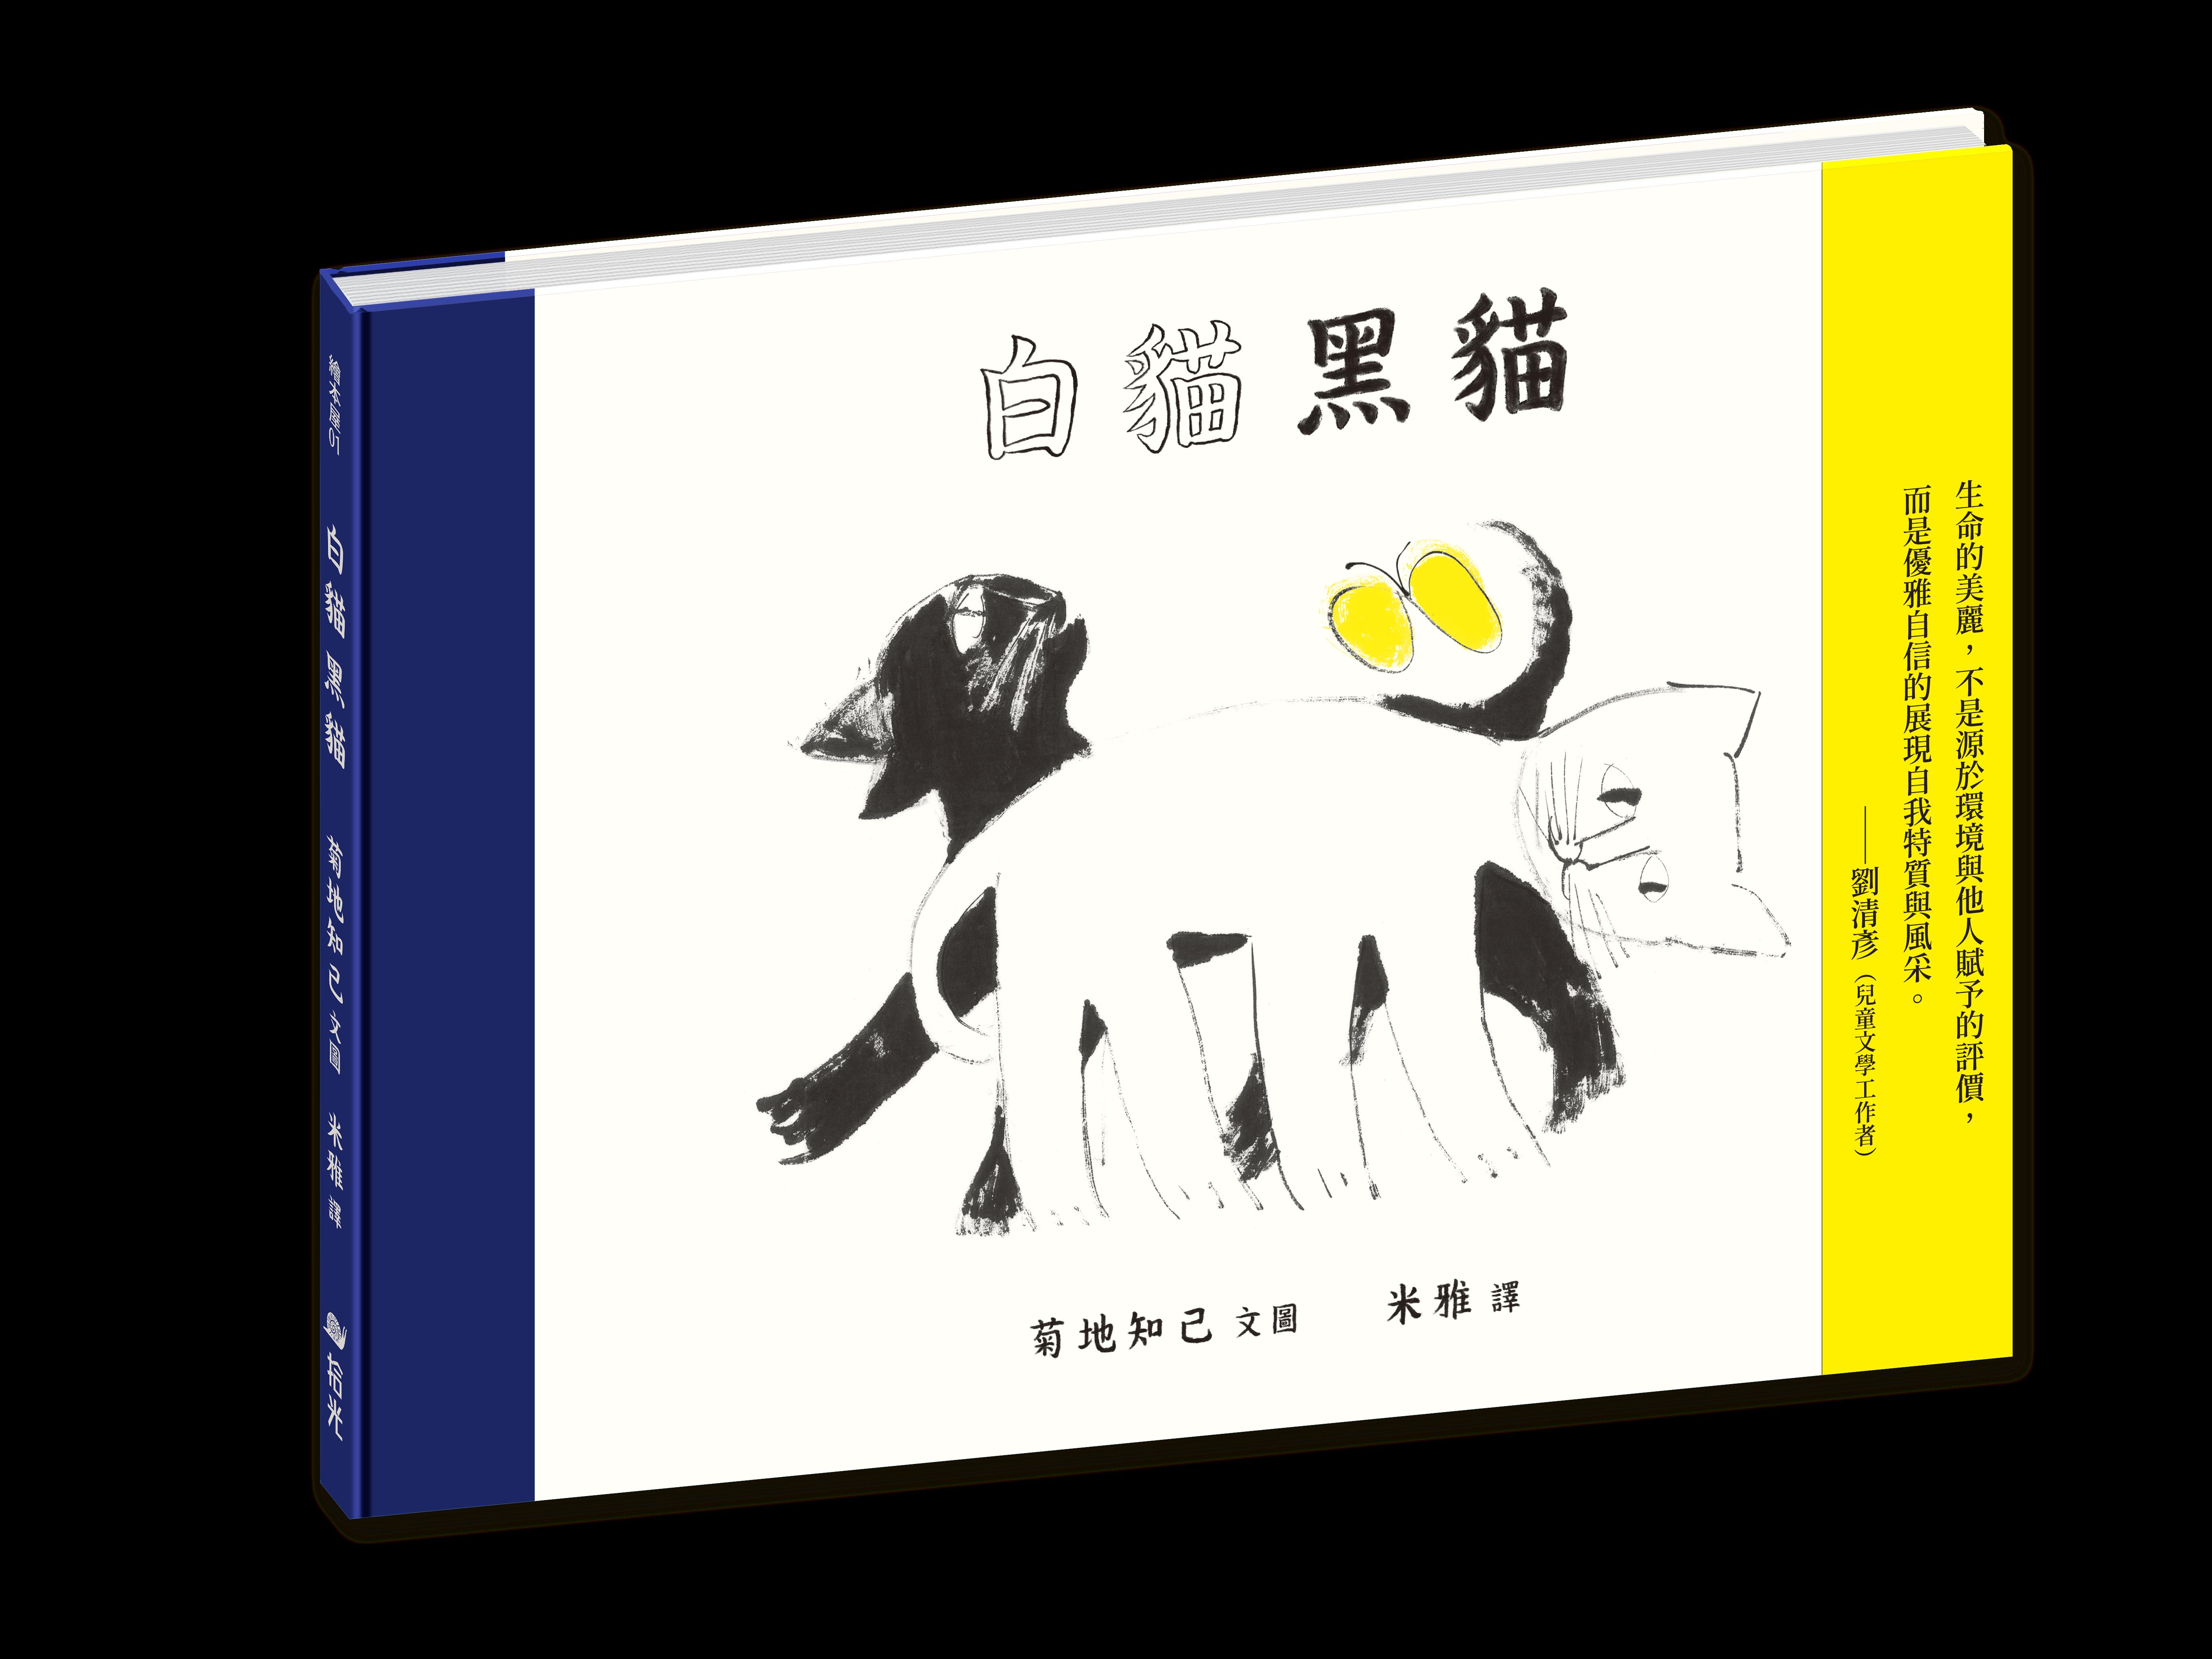 【總館】繪本創作家米雅老師於12月15日下午2點分享<白貓黑貓>新書分享會,歡迎踴躍參加!